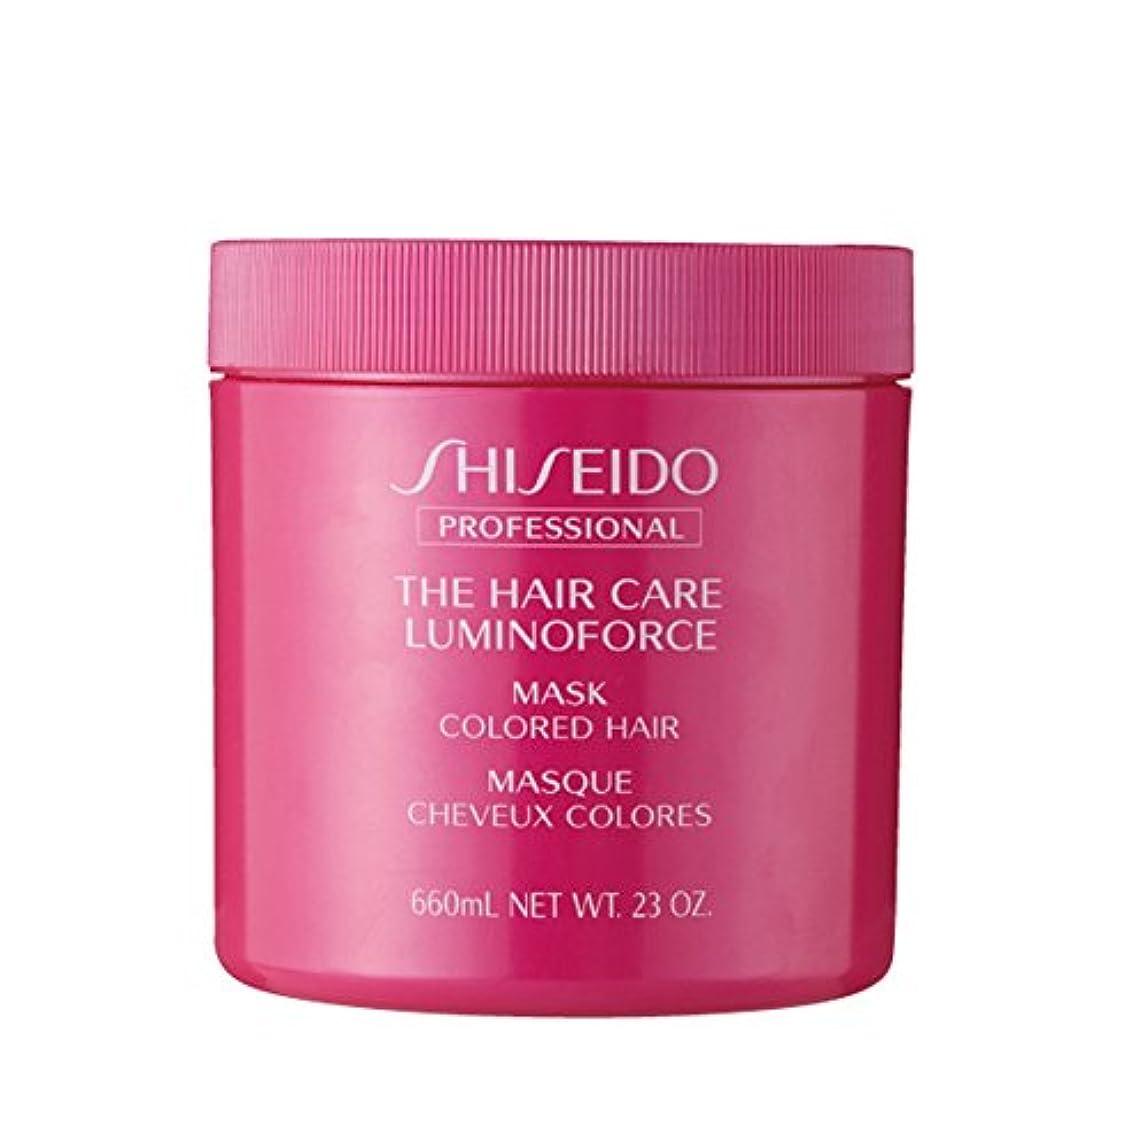 ジャム違うあいまいさ資生堂 THC ルミノフォースマスク 680g ×2個 セットヘアカラーを繰り返したごわついた髪を、芯からしなやかでつややかな髪へSHISEIDO LUMINOFORCE